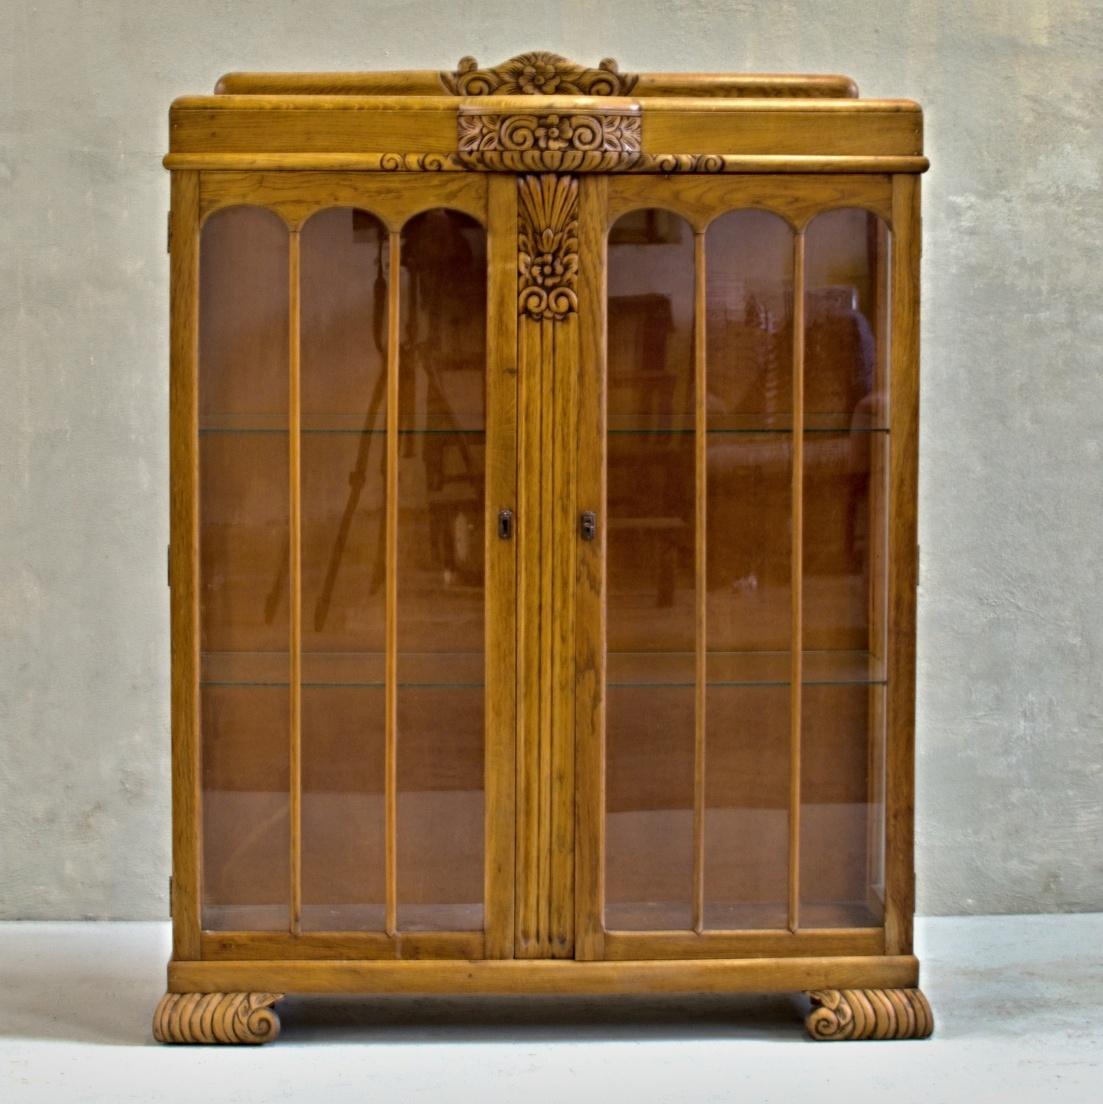 Klasický anglický dubový skleník nebo knihovna s vyřezávaným květinovým reliéfem vintage stylový nábytek po celkové renovaci do původního stavu restored furniture